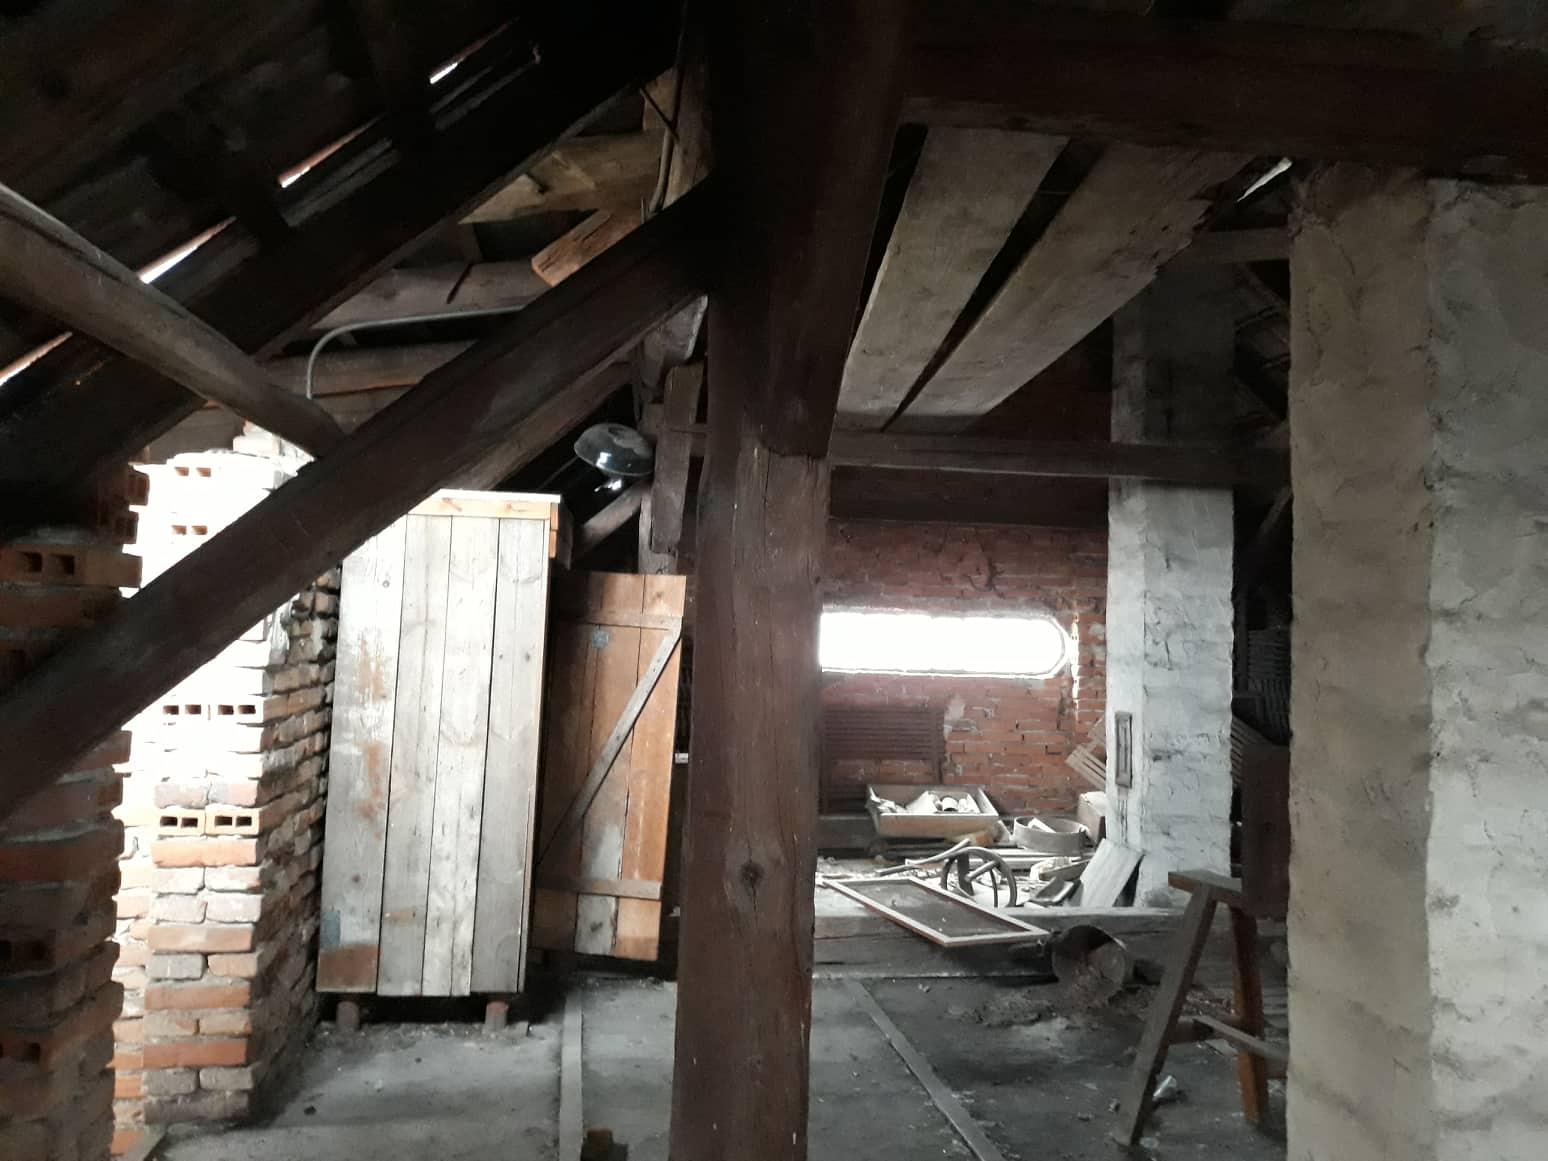 Rekonštrukcia domu-alebo chceme si splniť sen =》🏠🌻🌼🐶  mat domcek a vratit sa na Slovensko - Obrázok č. 39